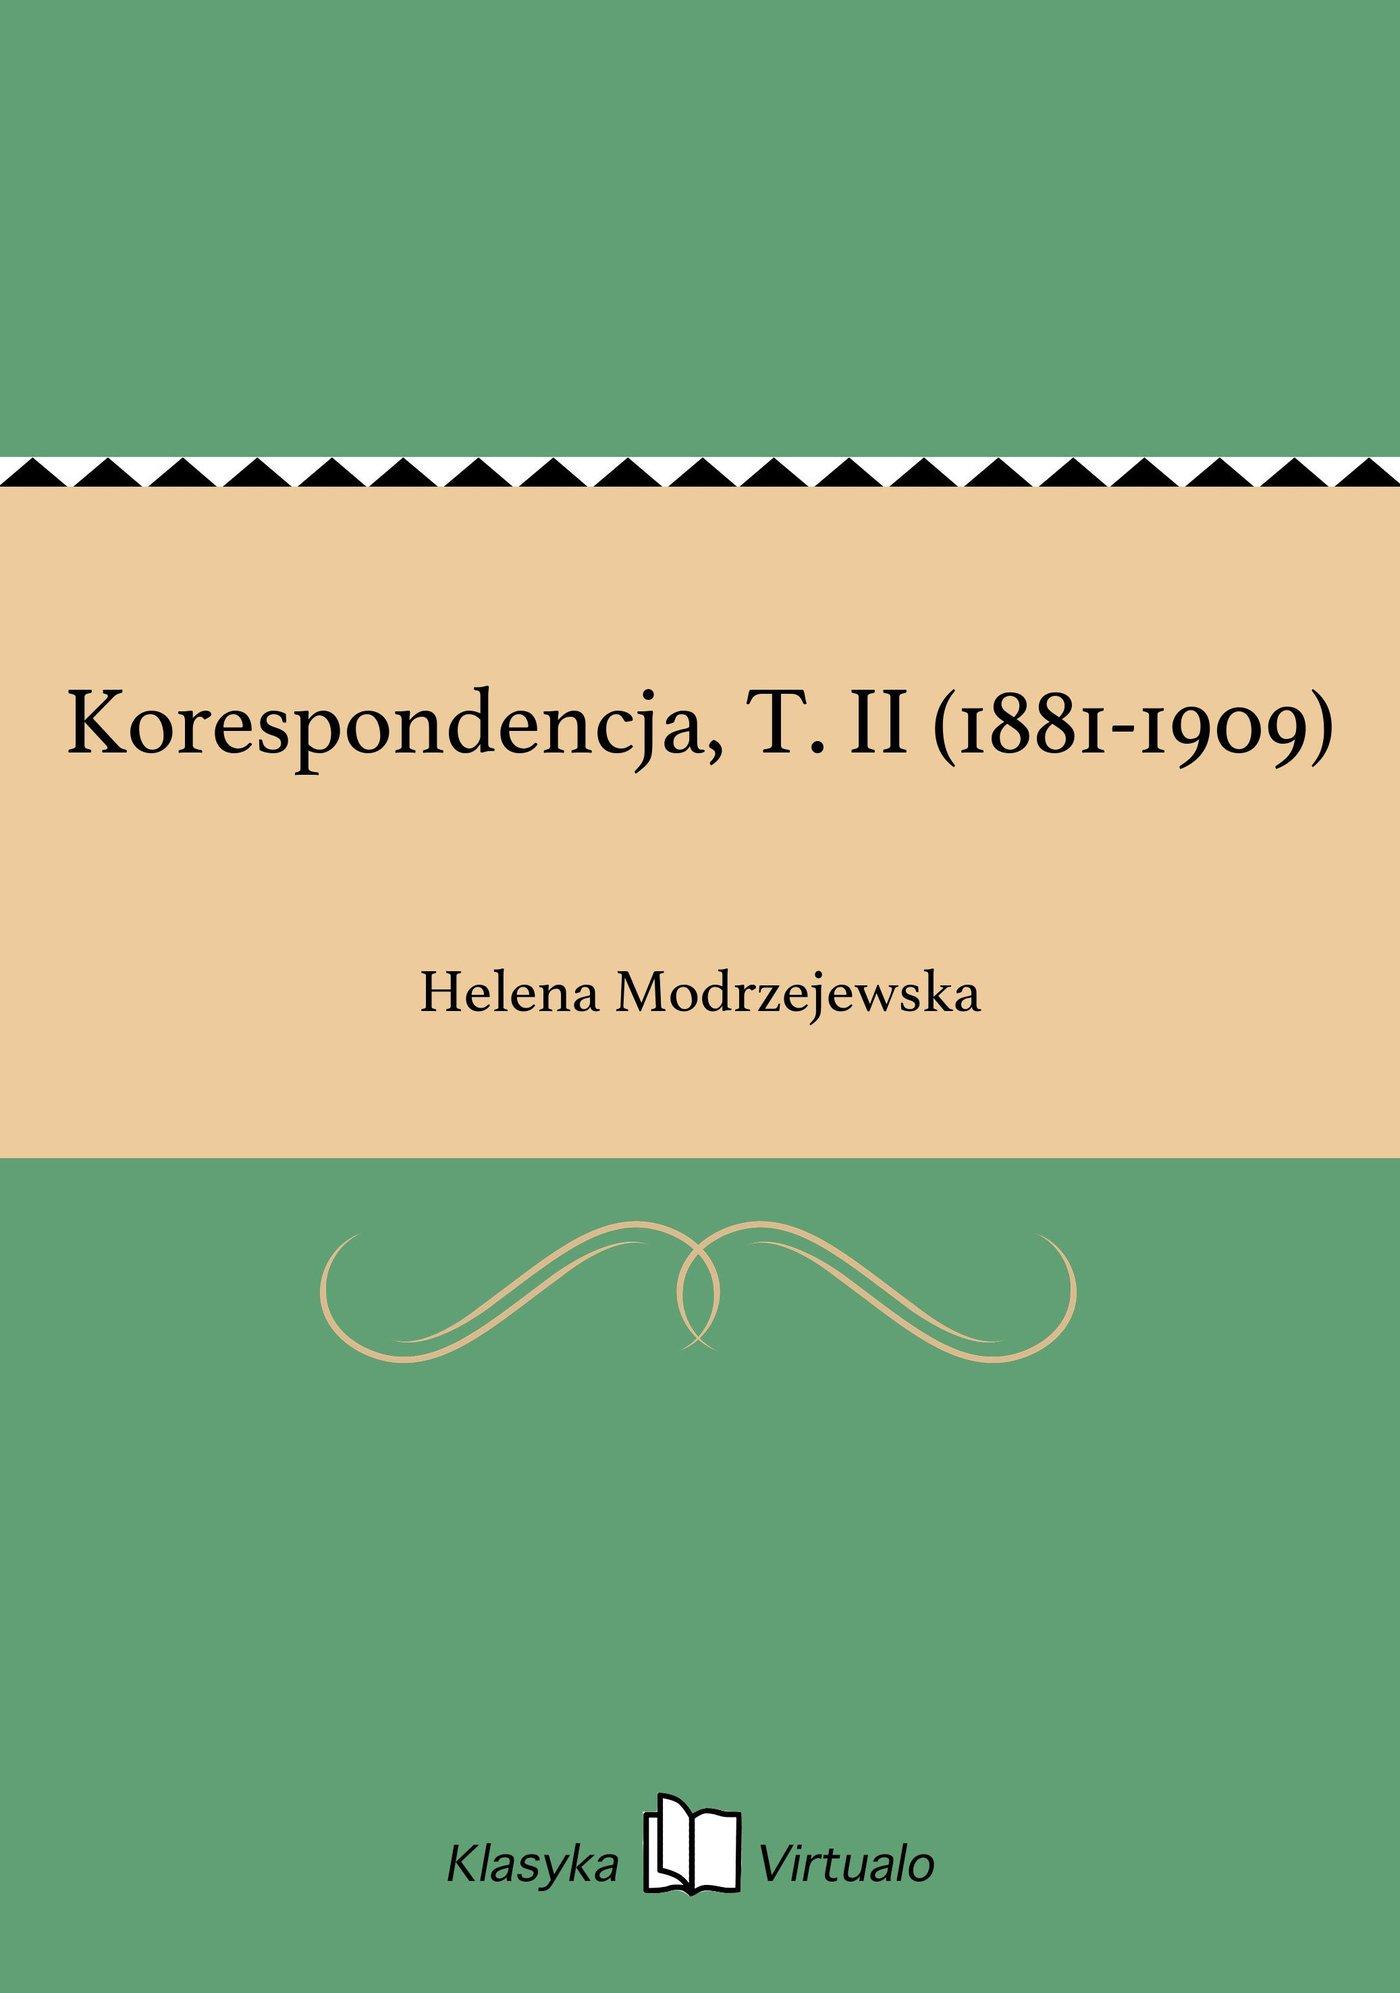 Korespondencja, T. II (1881-1909) - Ebook (Książka EPUB) do pobrania w formacie EPUB